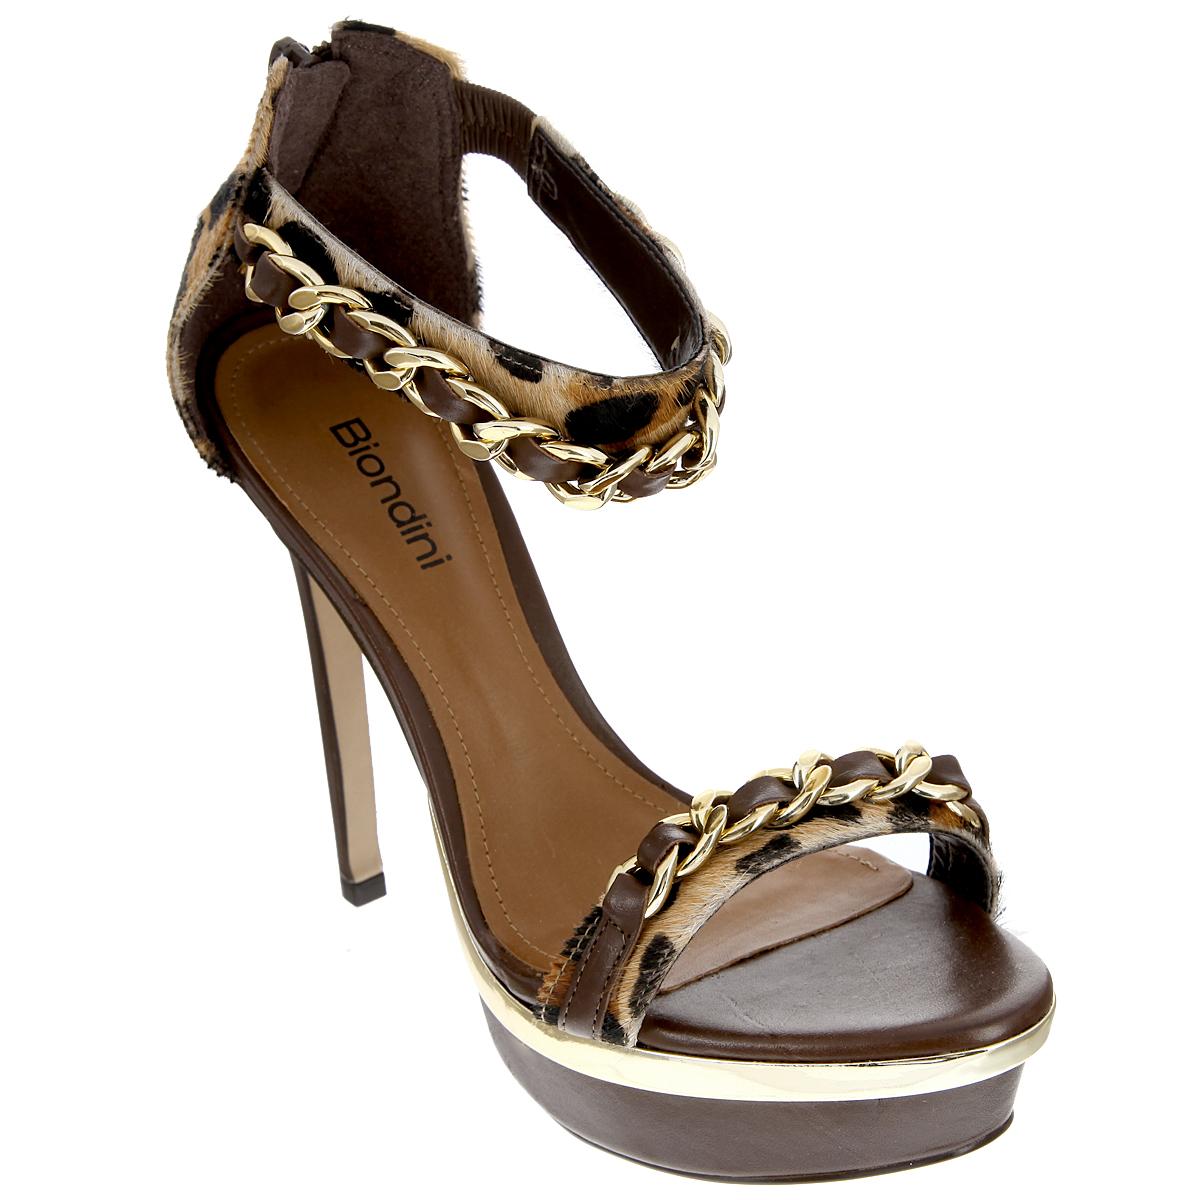 Босоножки. 7306-17306-1Эффектные босоножки от Biondini сделают вас образ незабываемым! Модель выполнена из натуральной кожи и оформлена ворсом, стилизованным под леопарда. Ремешки украшены крупными декоративными цепями. Ремешок на щиколотке дополнен вшитой резинкой, позволяющей оптимально зафиксировать обувь на ноге. Босоножки дополнены полужестким задником с застежкой-молнией. Мягкая стелька из натуральной кожи обеспечивает комфорт при ходьбе. Ультравысокий каблук компенсирован платформой. Подошва дополнена противоскользящим рифлением. Платформа оформлена вставкой, стилизованной под металл. Роскошные босоножки внесут изюминку в ваш модный образ, позволят выделиться среди окружающих.